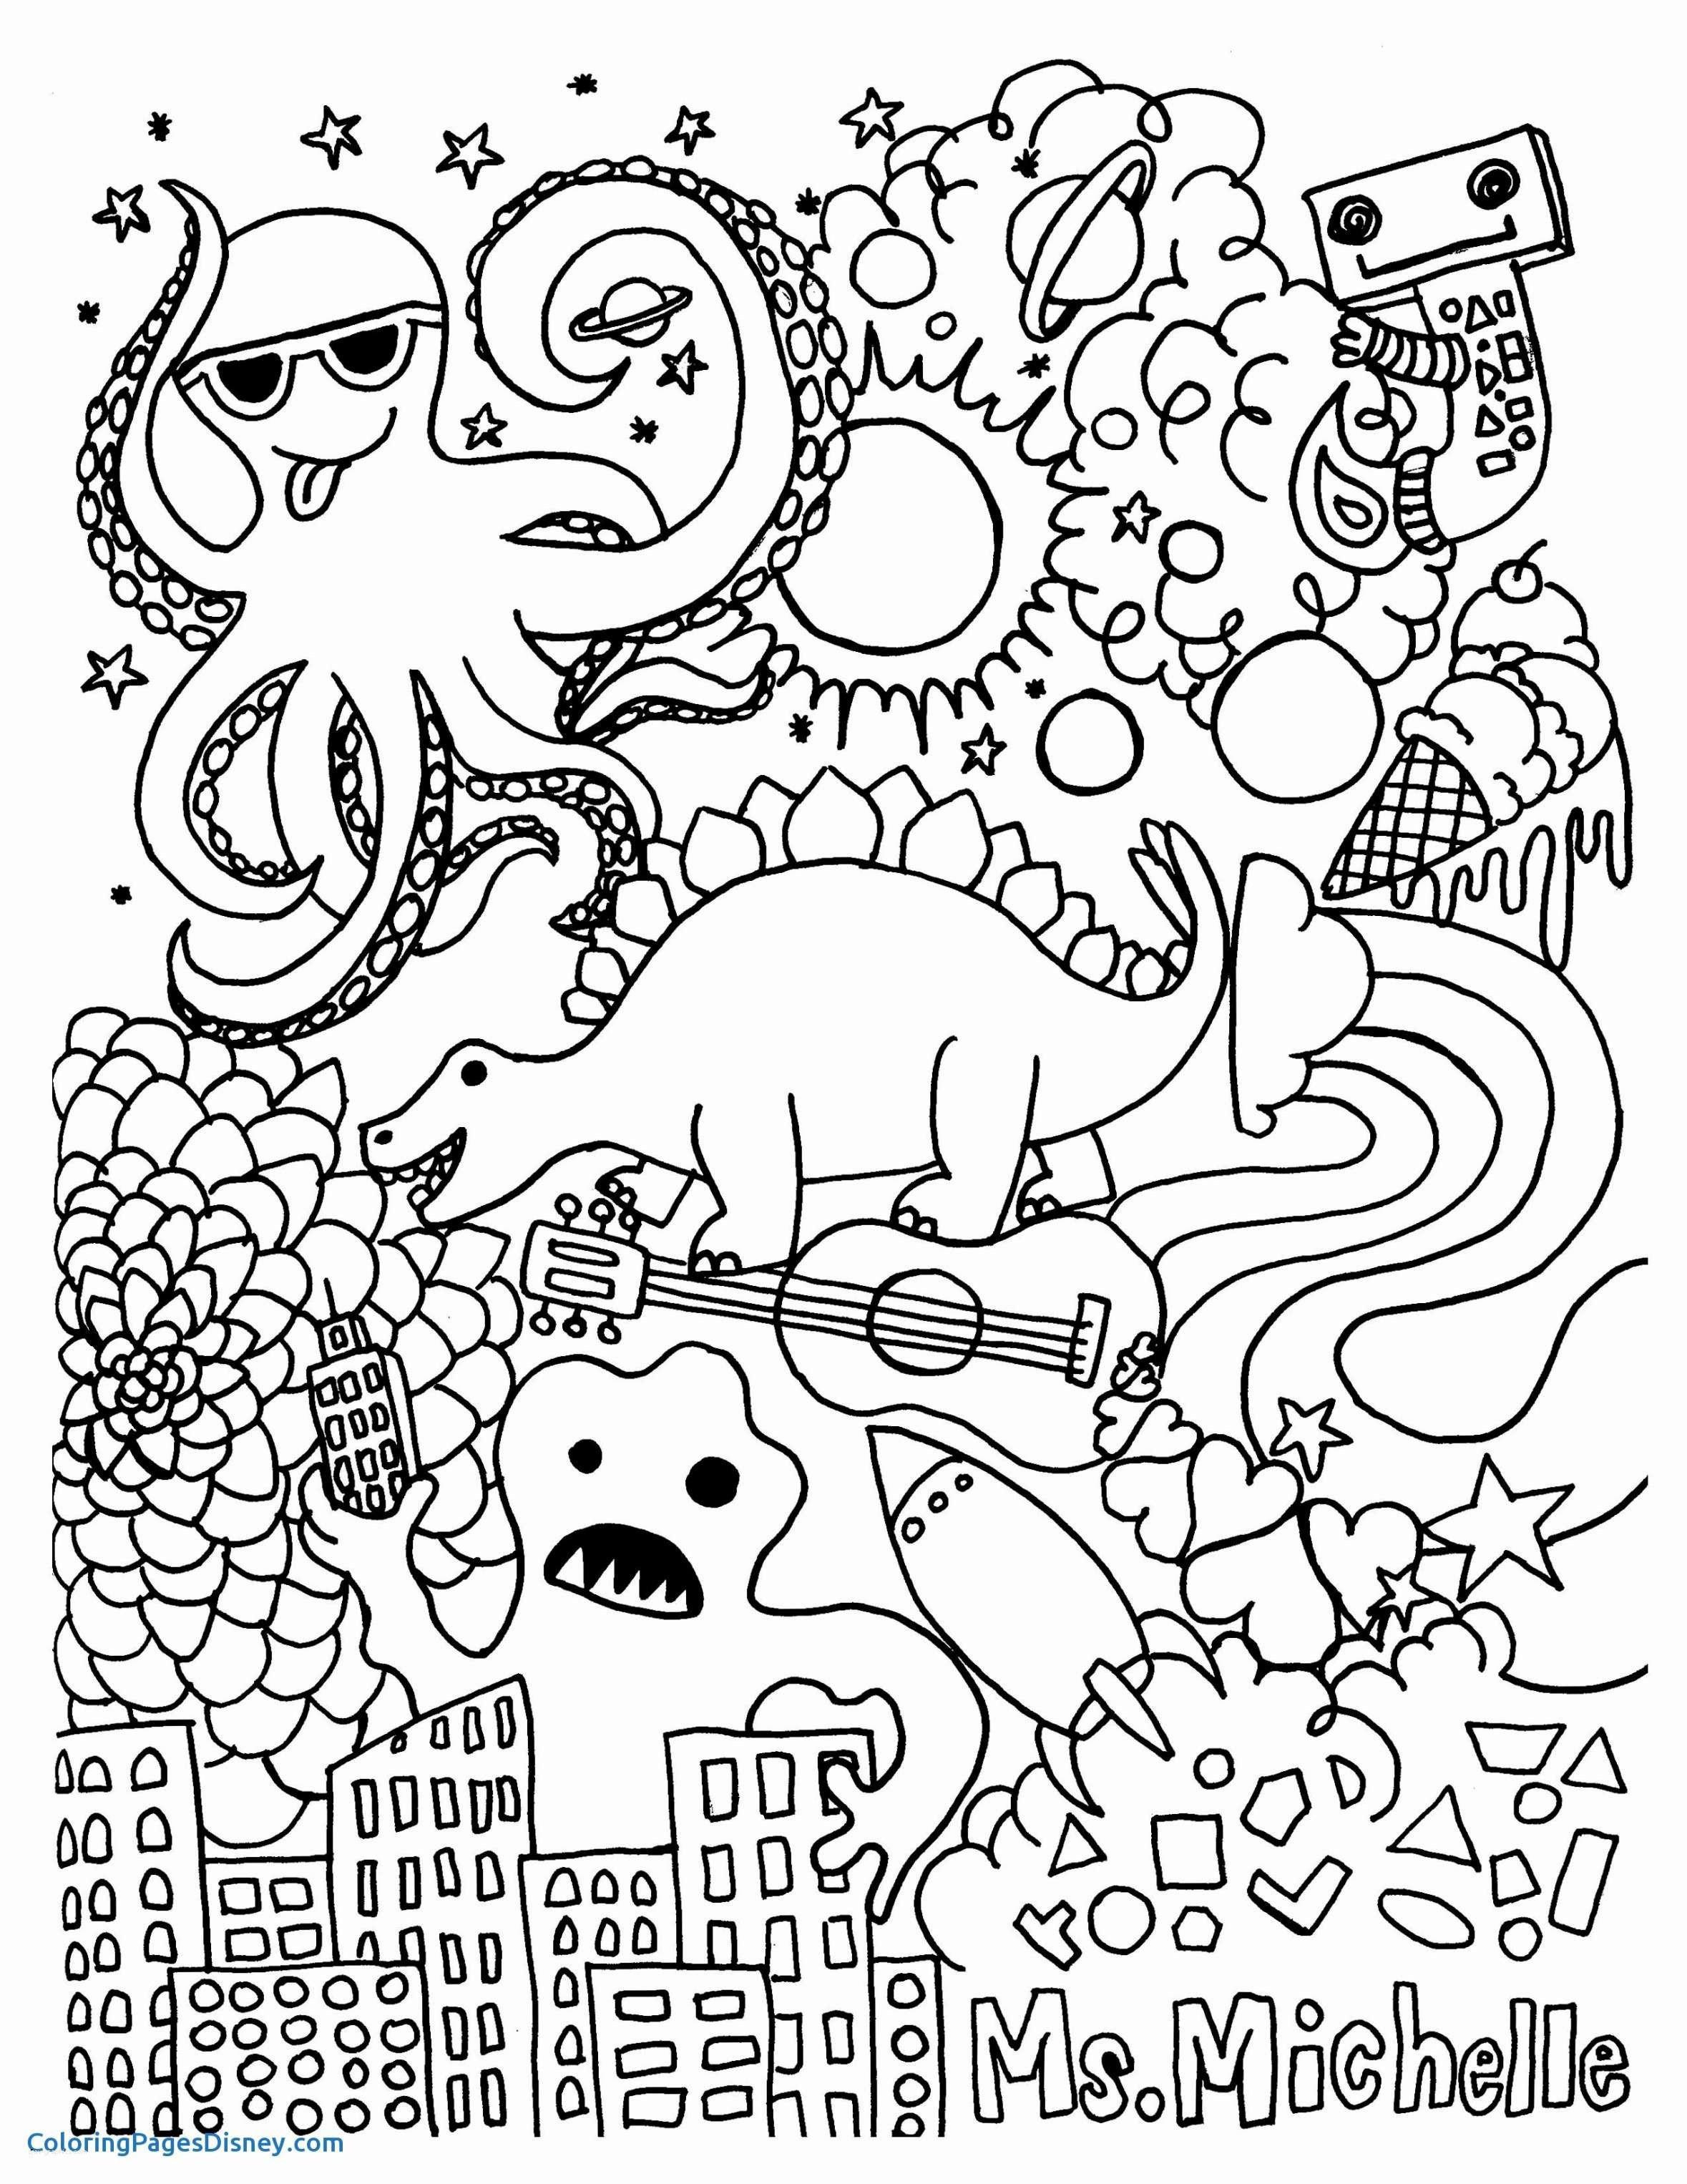 Ausmalbilder Pokemon Genial Wiki Design Wiki Design is Home Of Coloriage Page 84 Das Bild